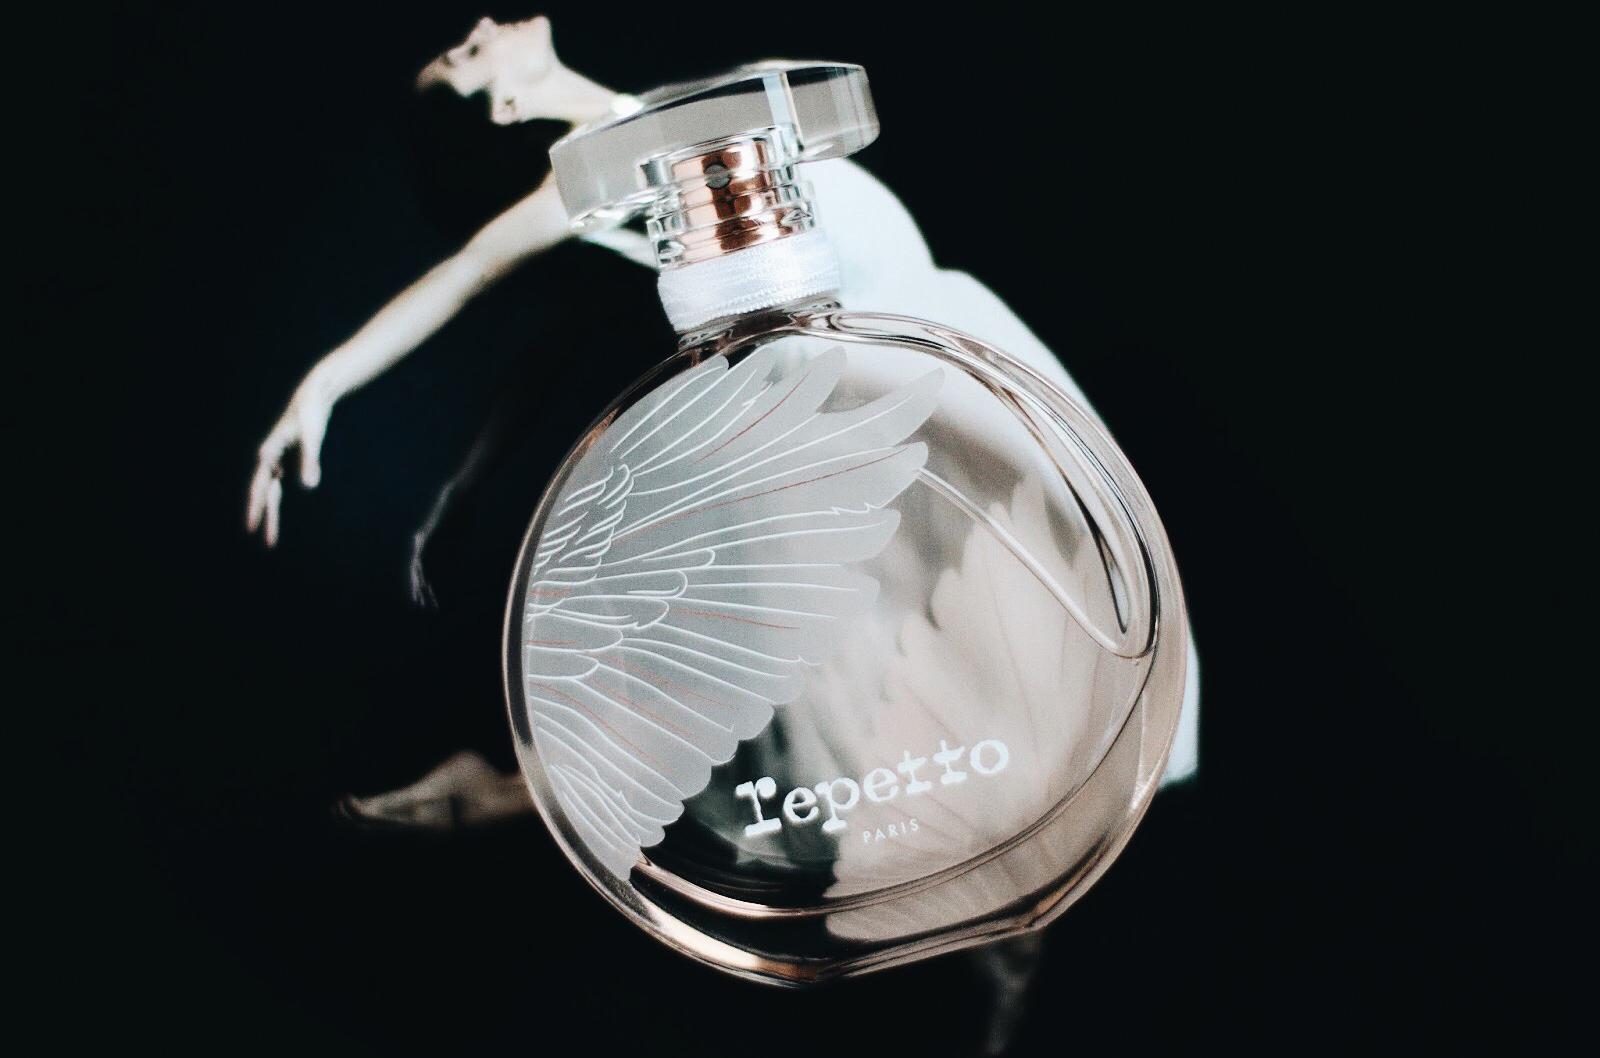 repetto le ballet blanc avis tes parfum